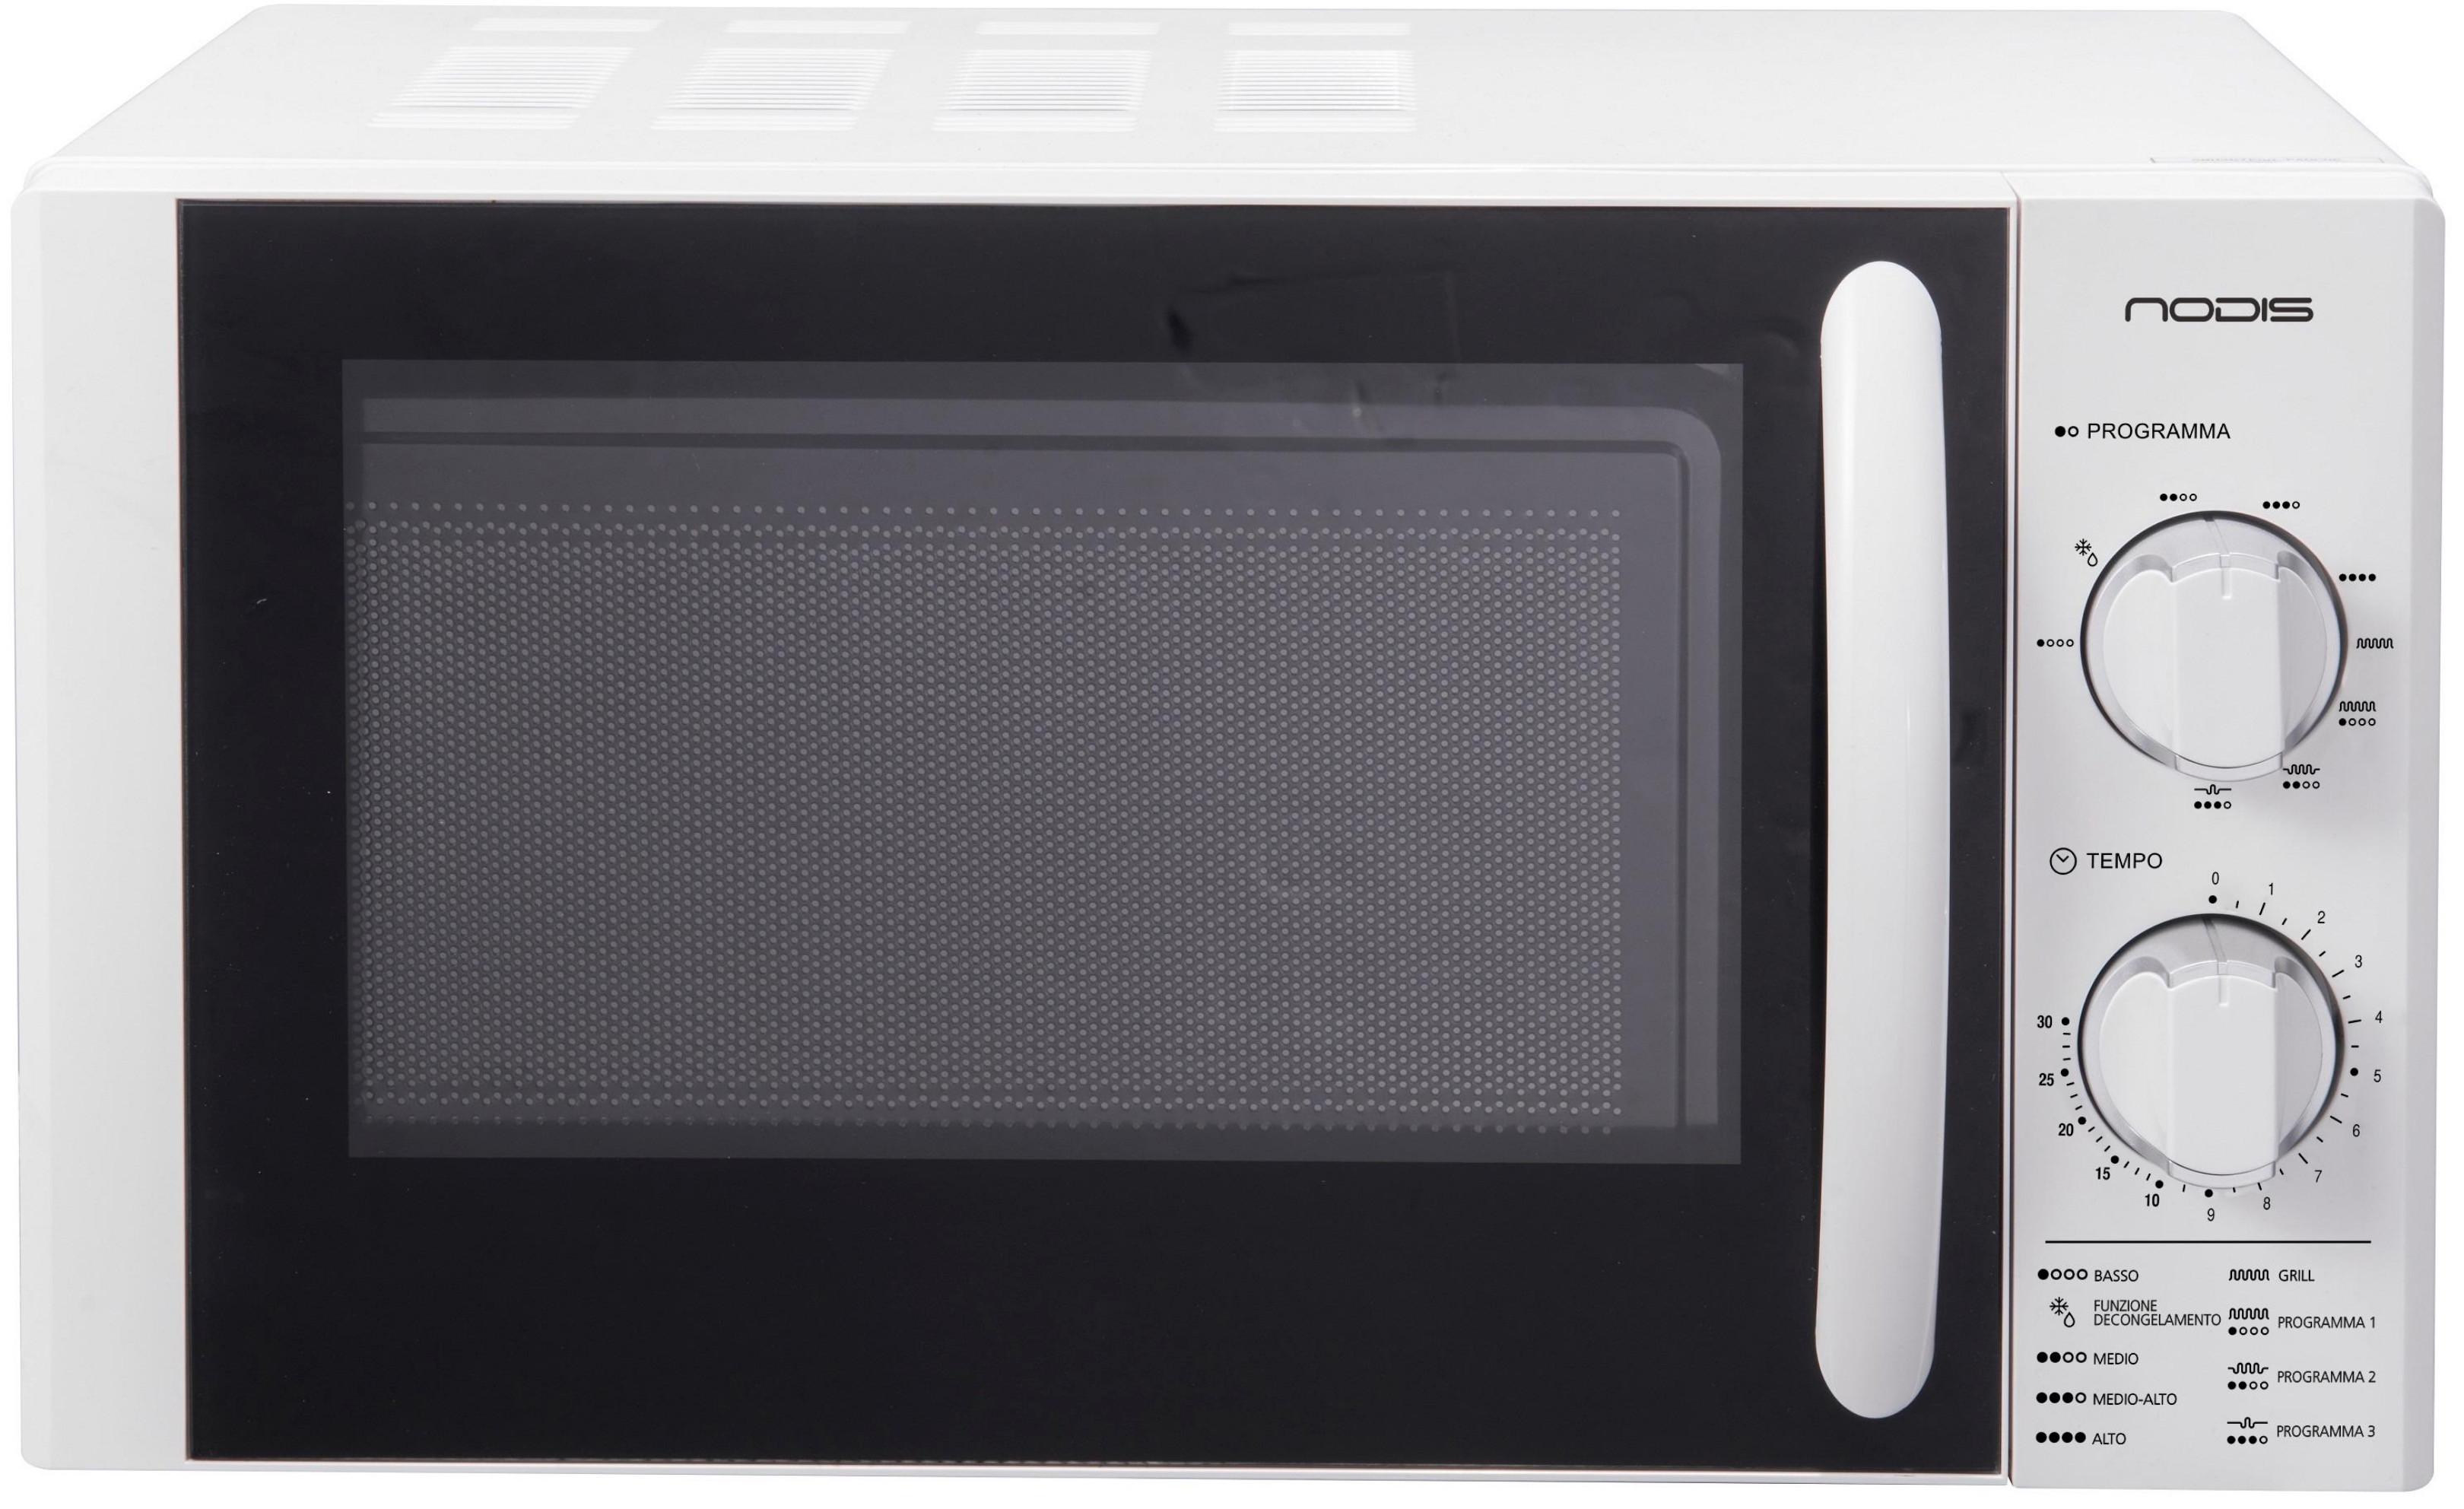 Nodis Forno Microonde grill meccanico 20